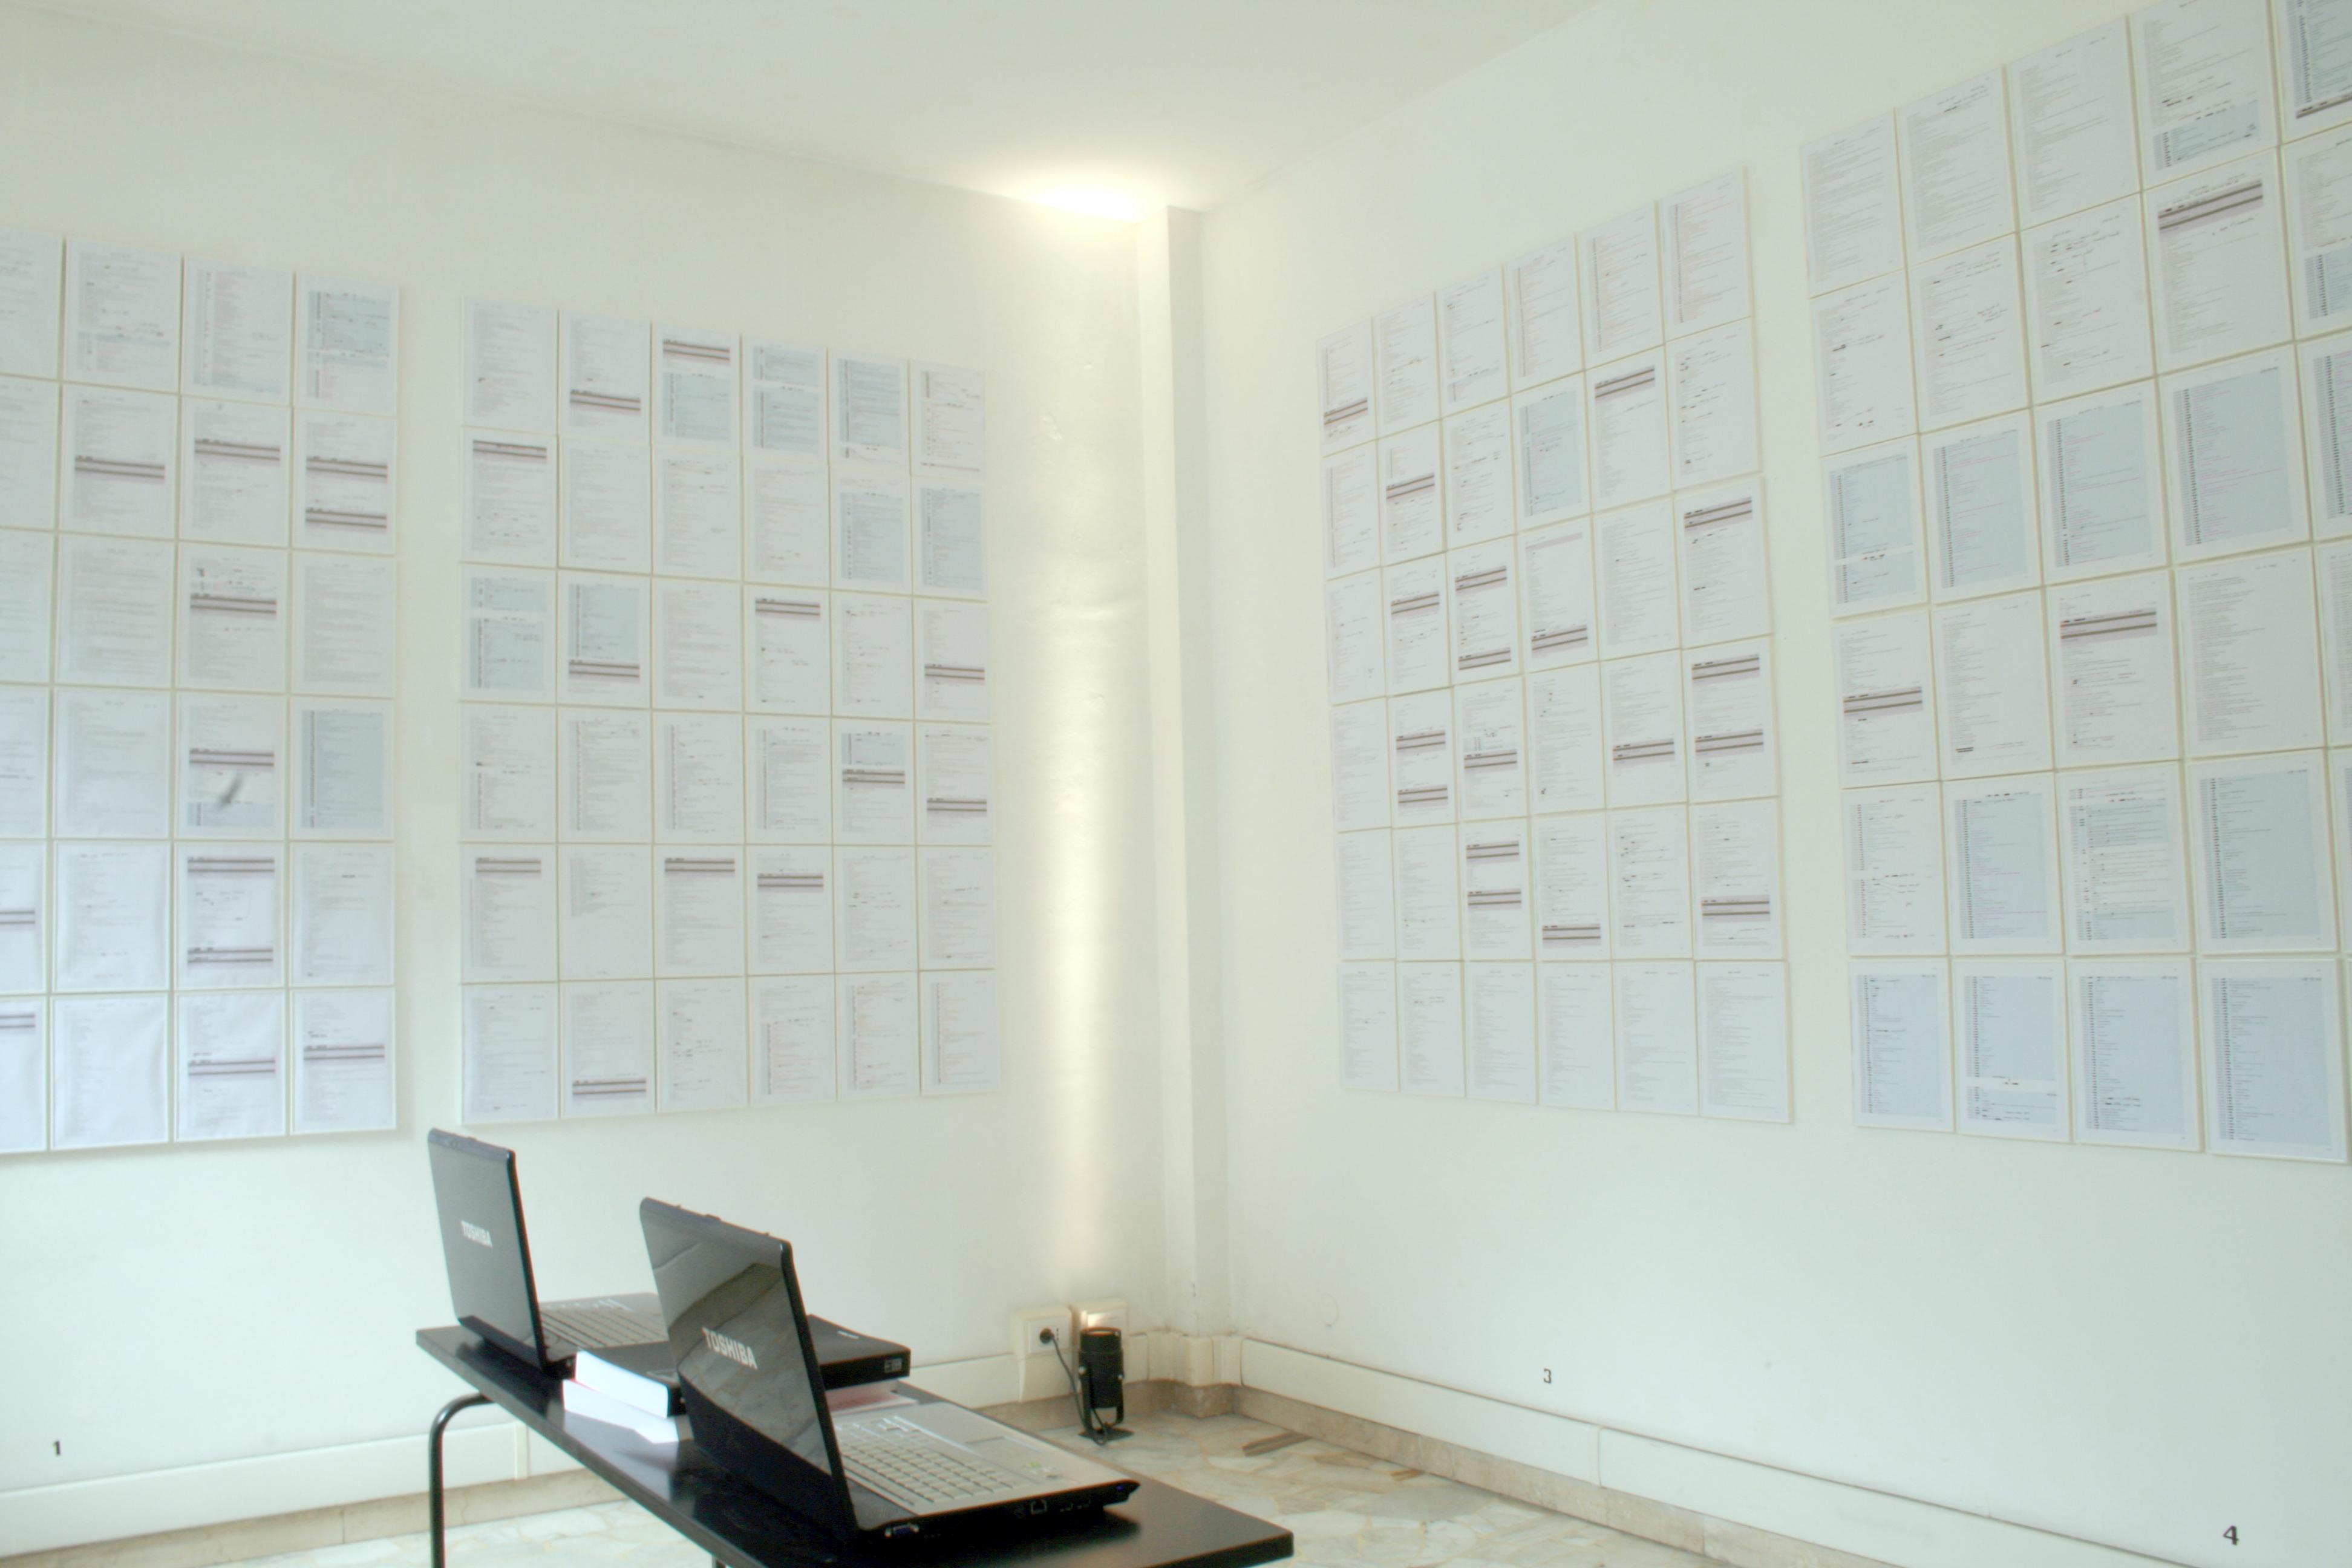 Salvatore Falci, 2006-2008, Ci@o come stai..., 2008, Galleria Diecidue, Milano, 2008 (con Simona Barzaghi)